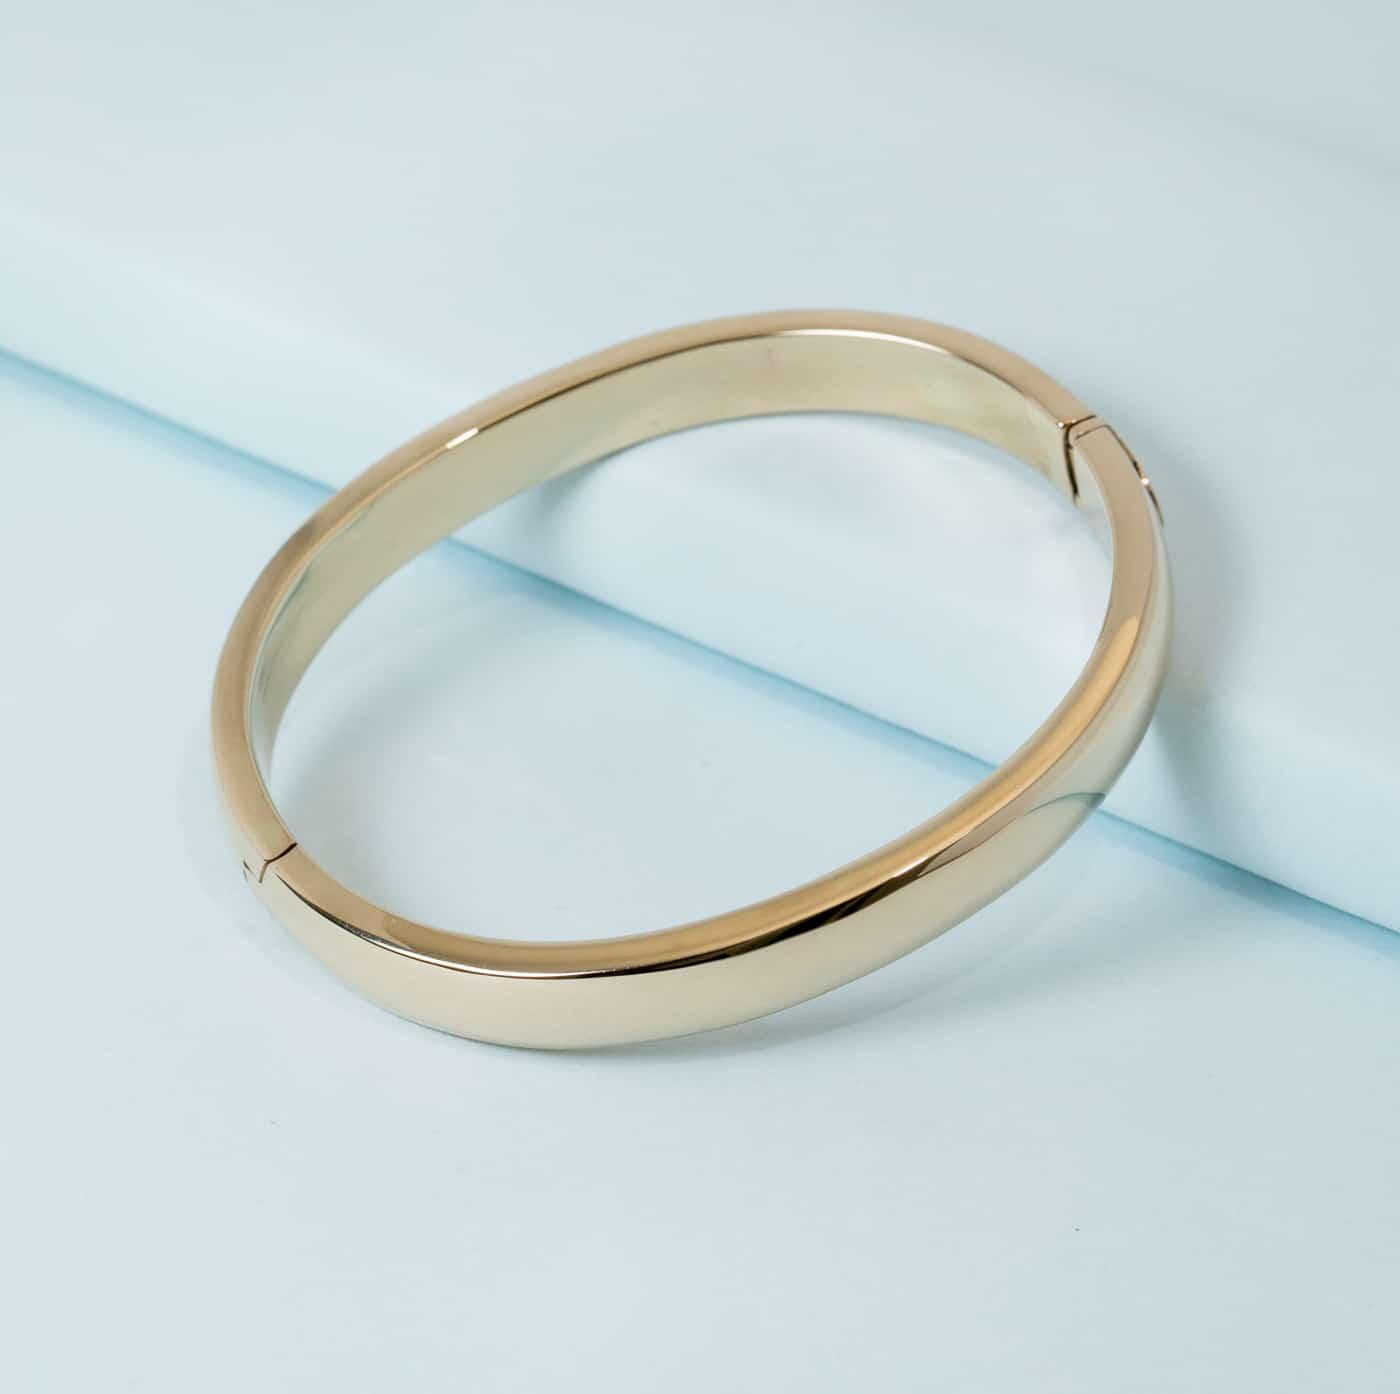 14k Gold Large Oval Bangle Bracelet